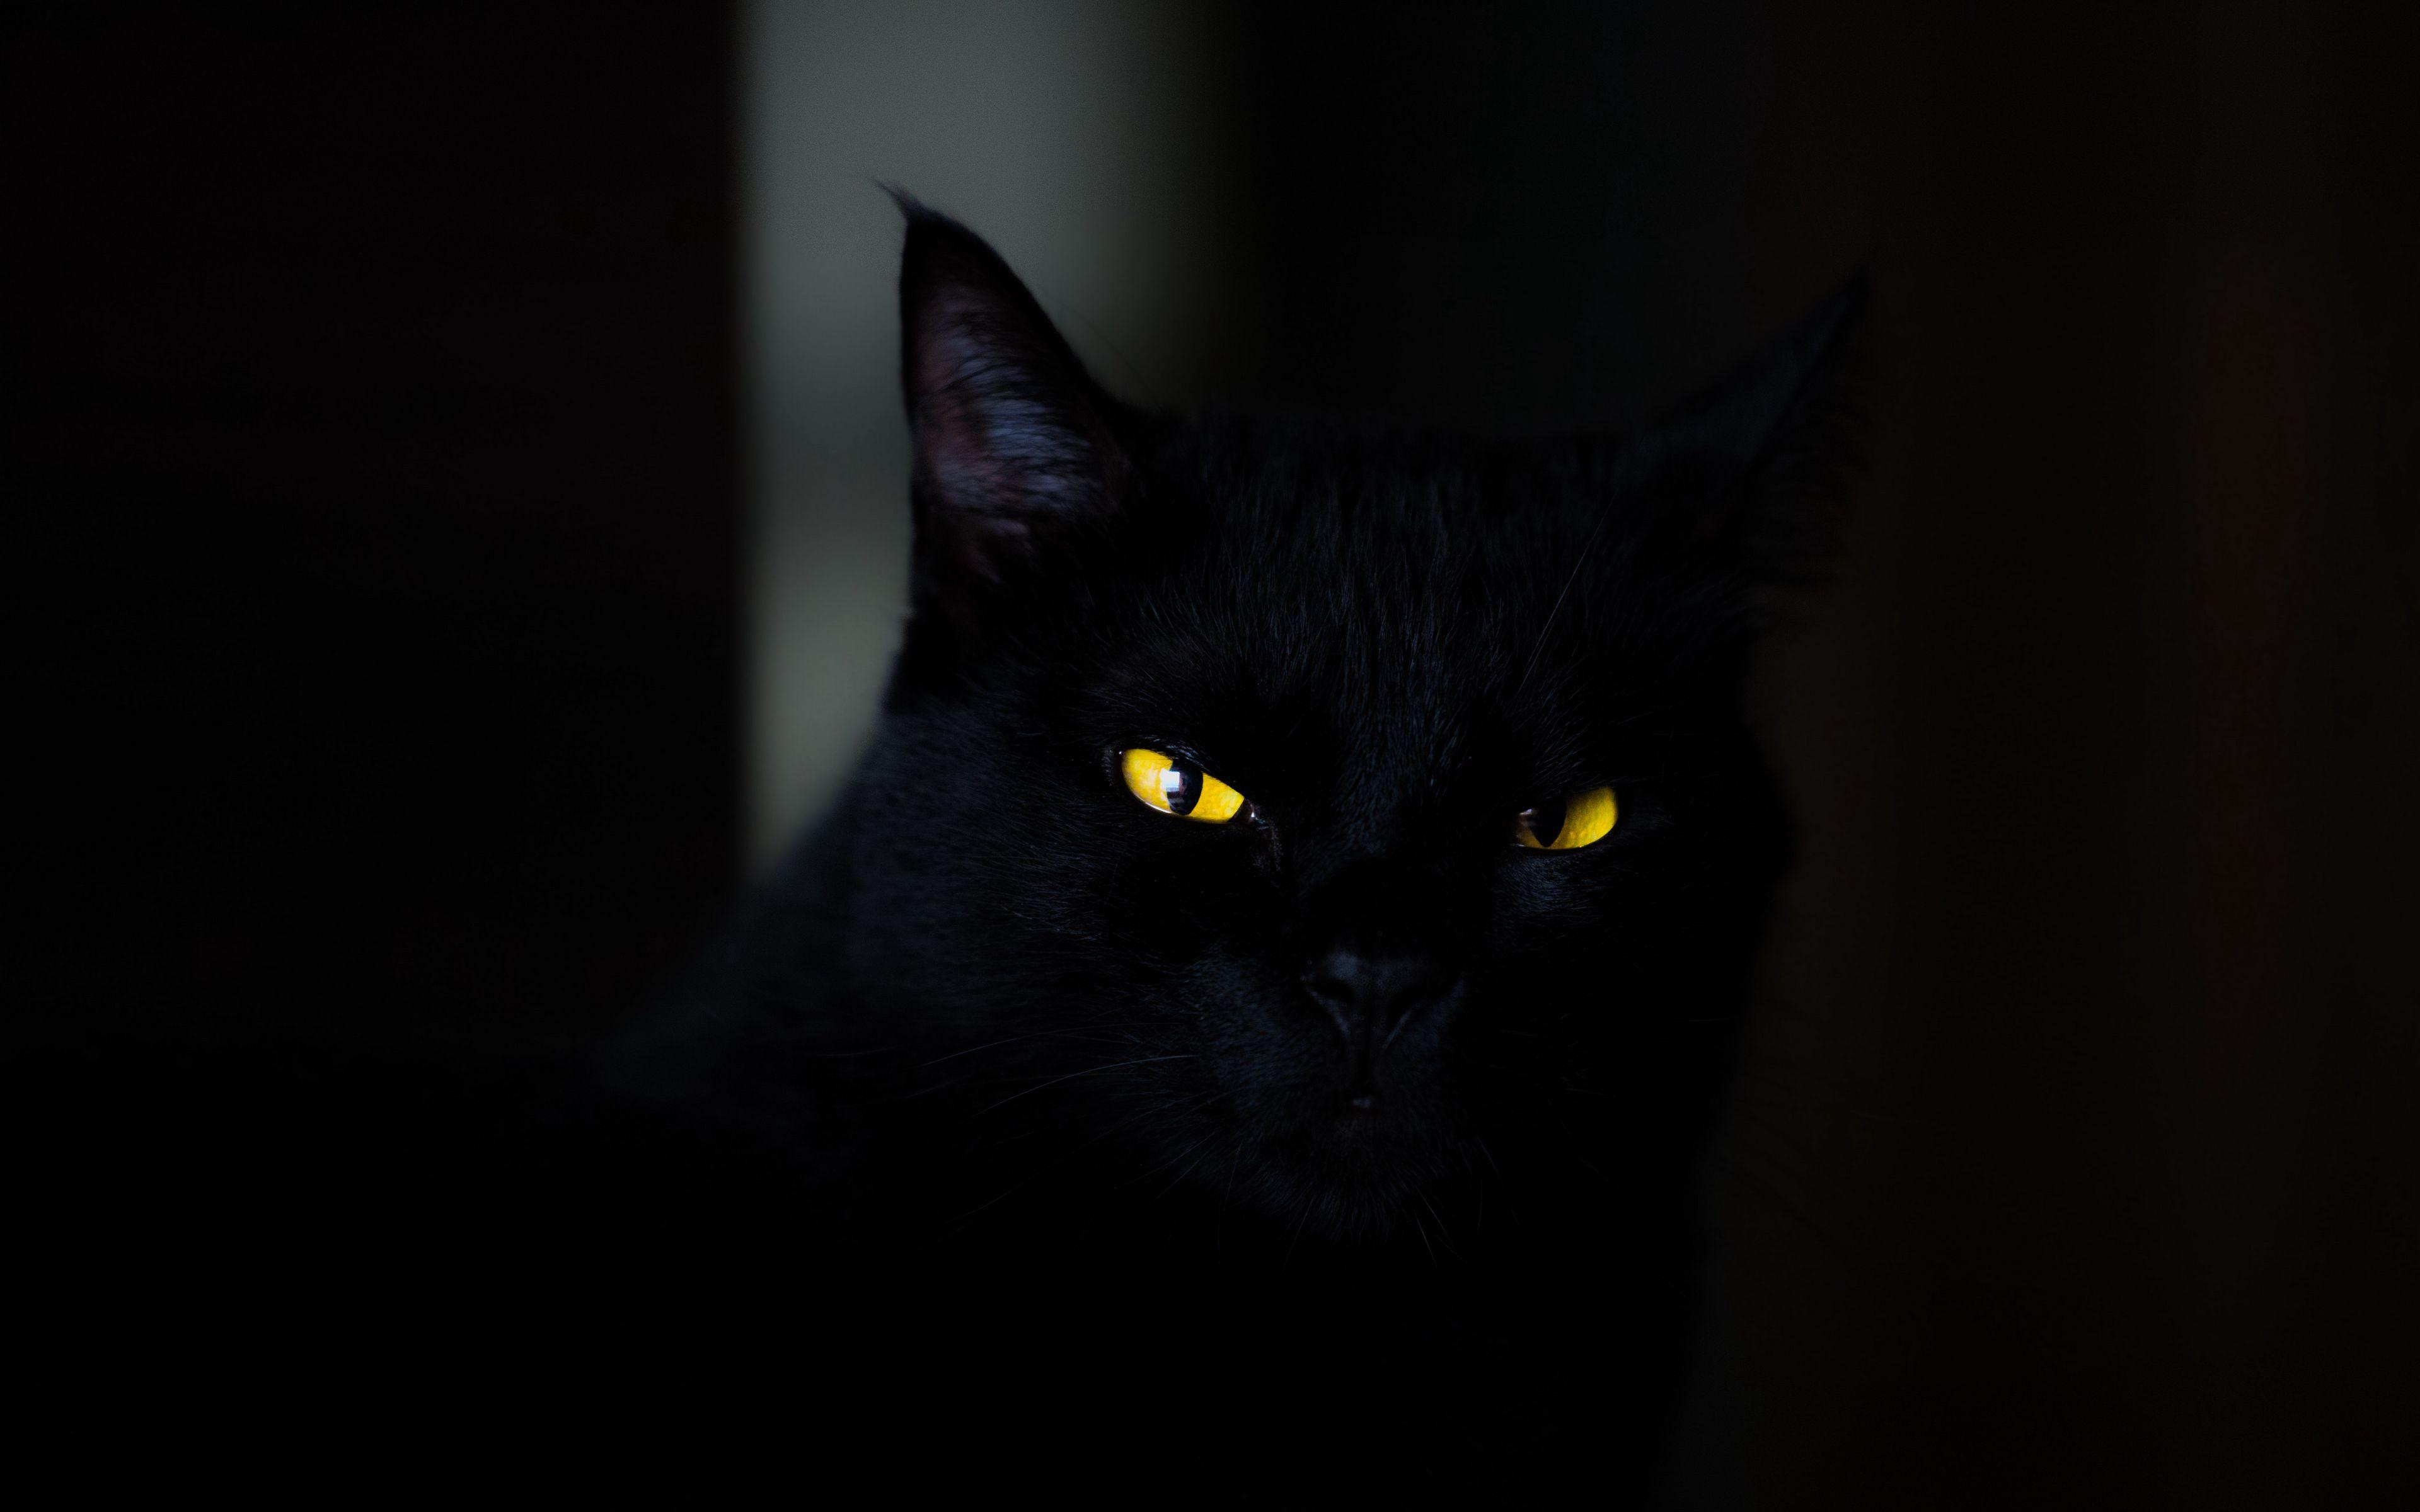 3840x2400 Обои кот, глаза, черный